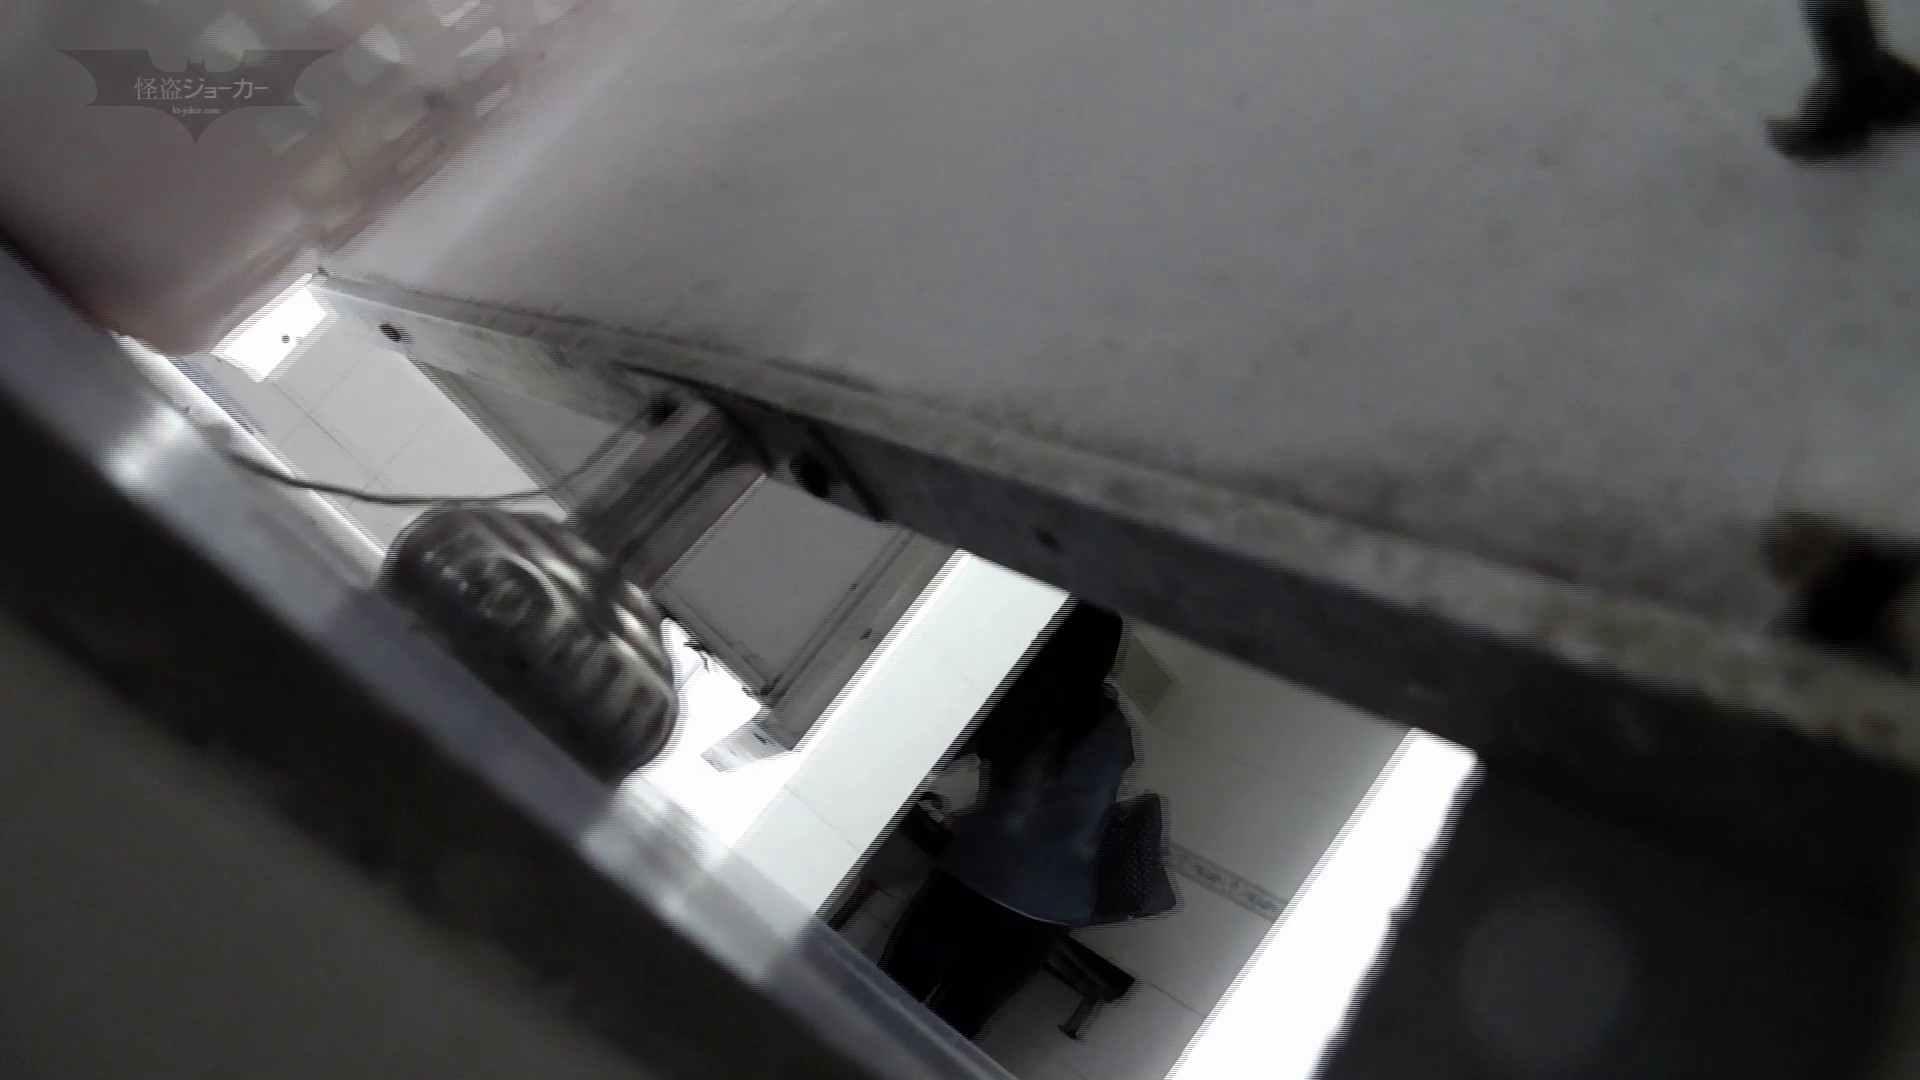 下からノゾム vol.030 びしょびしょの連続、お尻半分濡れるほど、 高画質 | 洗面所  84画像 73